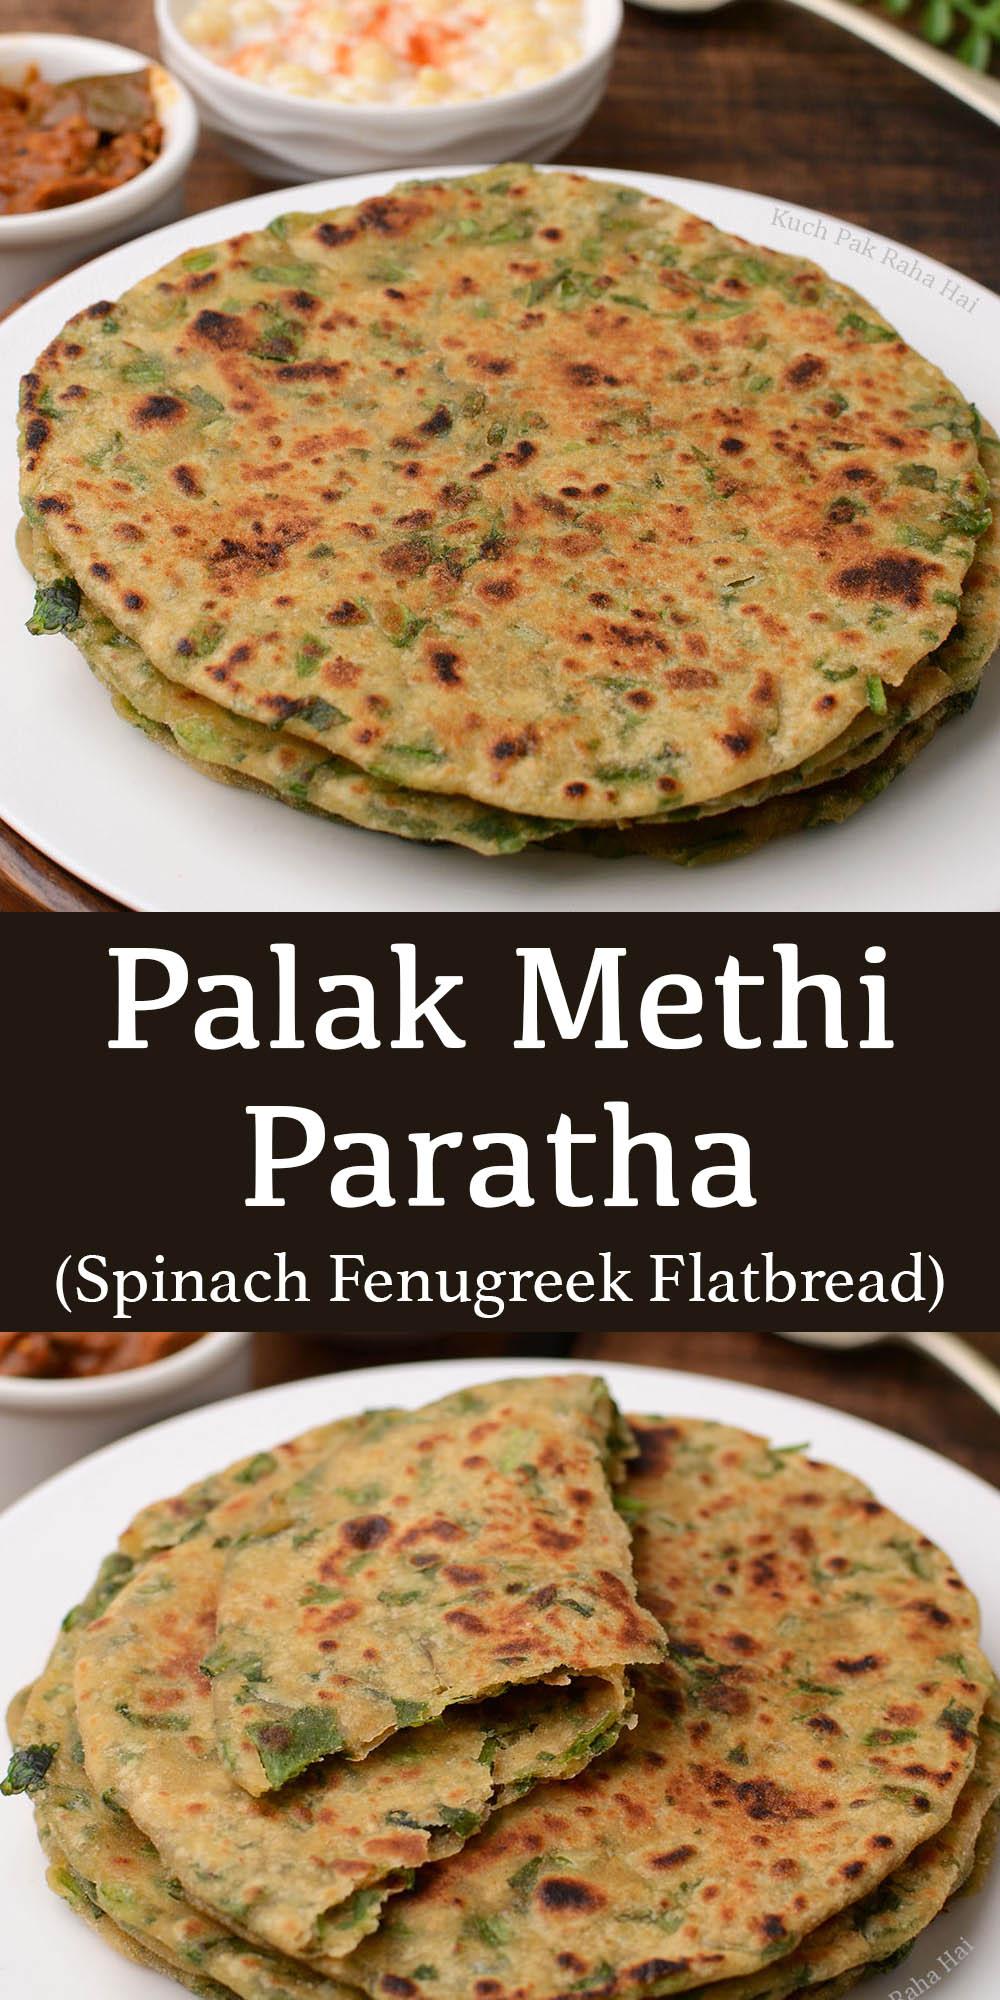 Palak Methi Paratha Indian Flatbread Recipe